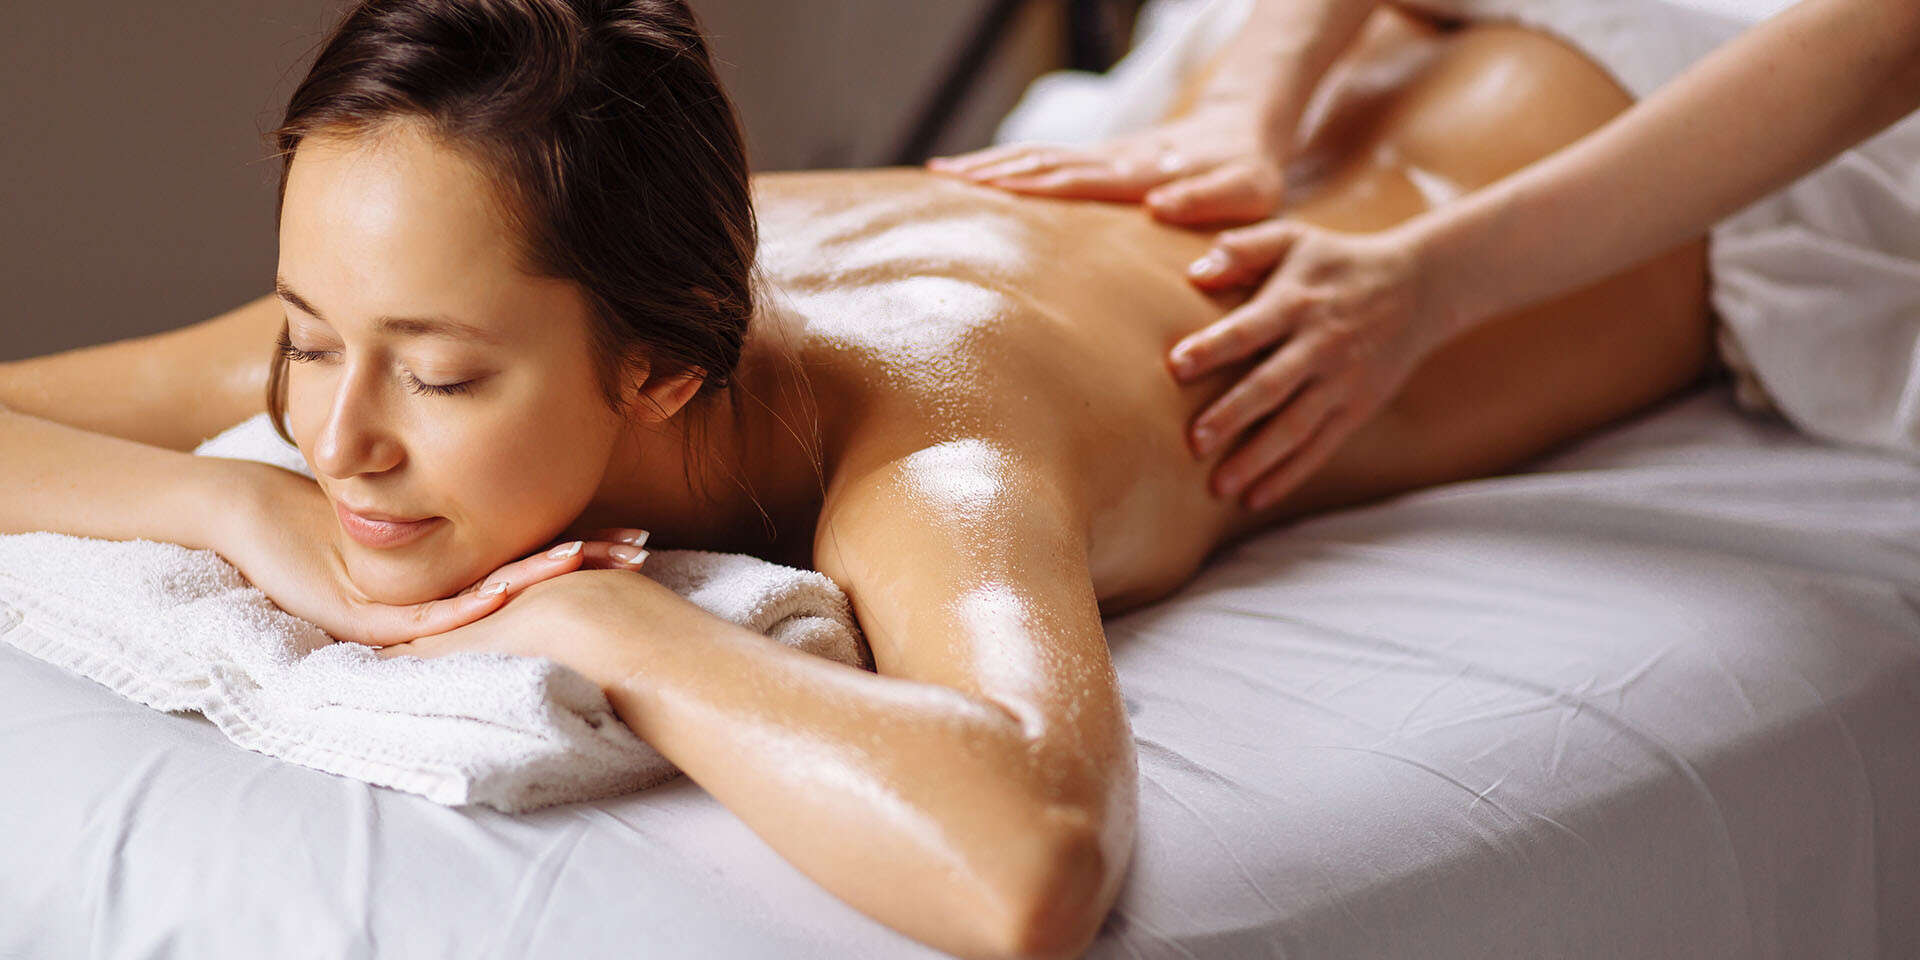 Veľký výber masáží: klasická, reflexná, čokoládová, večer...